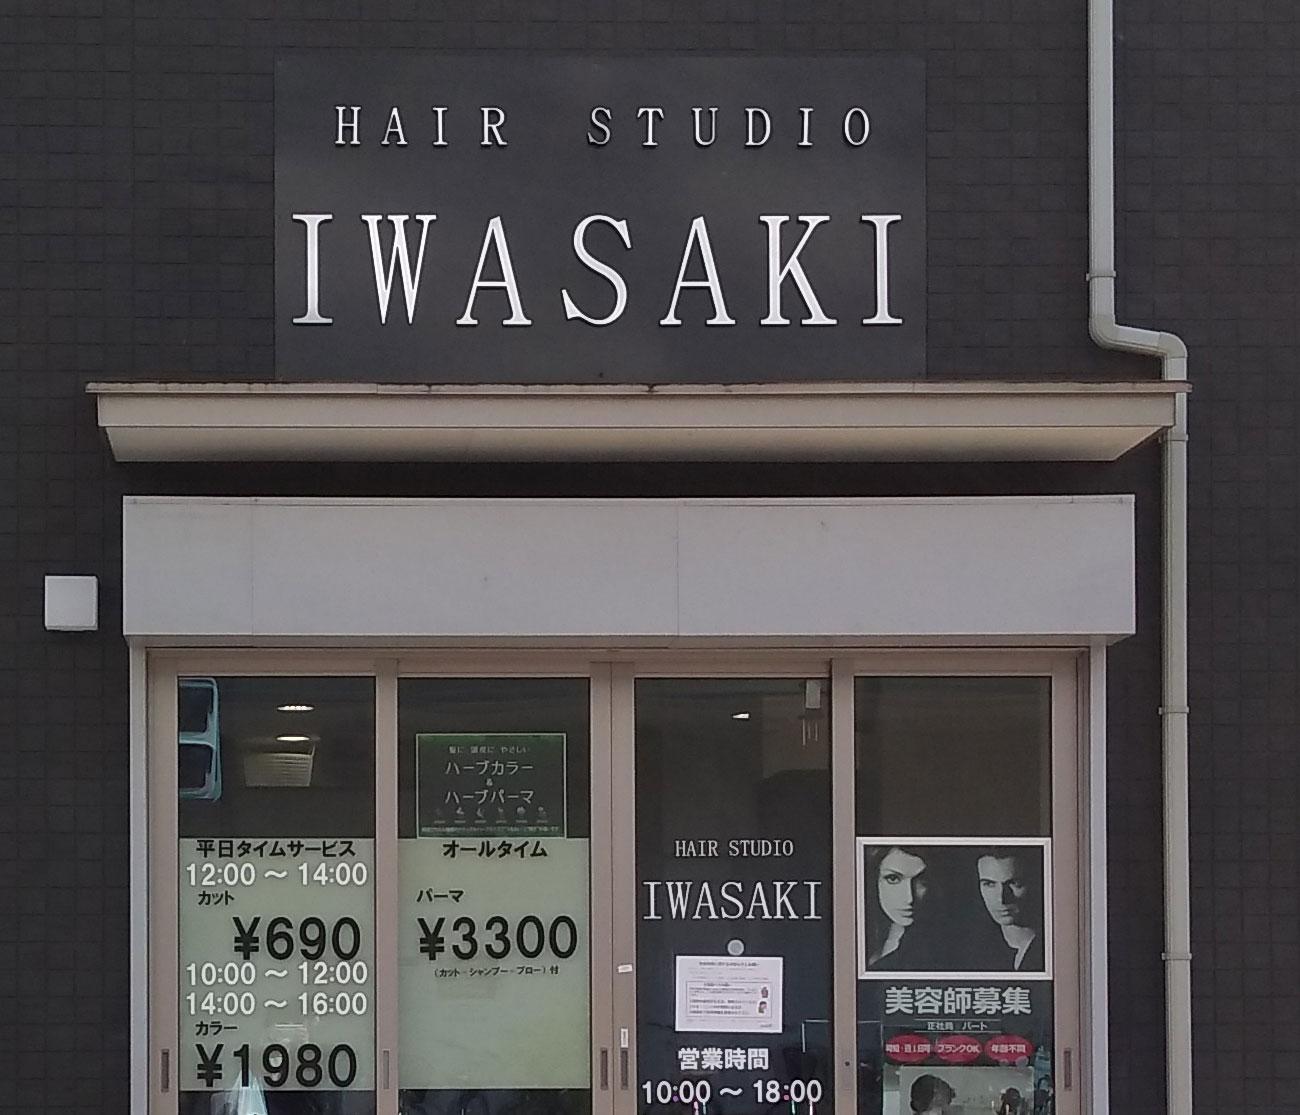 ヘアースタジオIWASAKI美容室はどこにあるの?日本全国の店舗紹介!